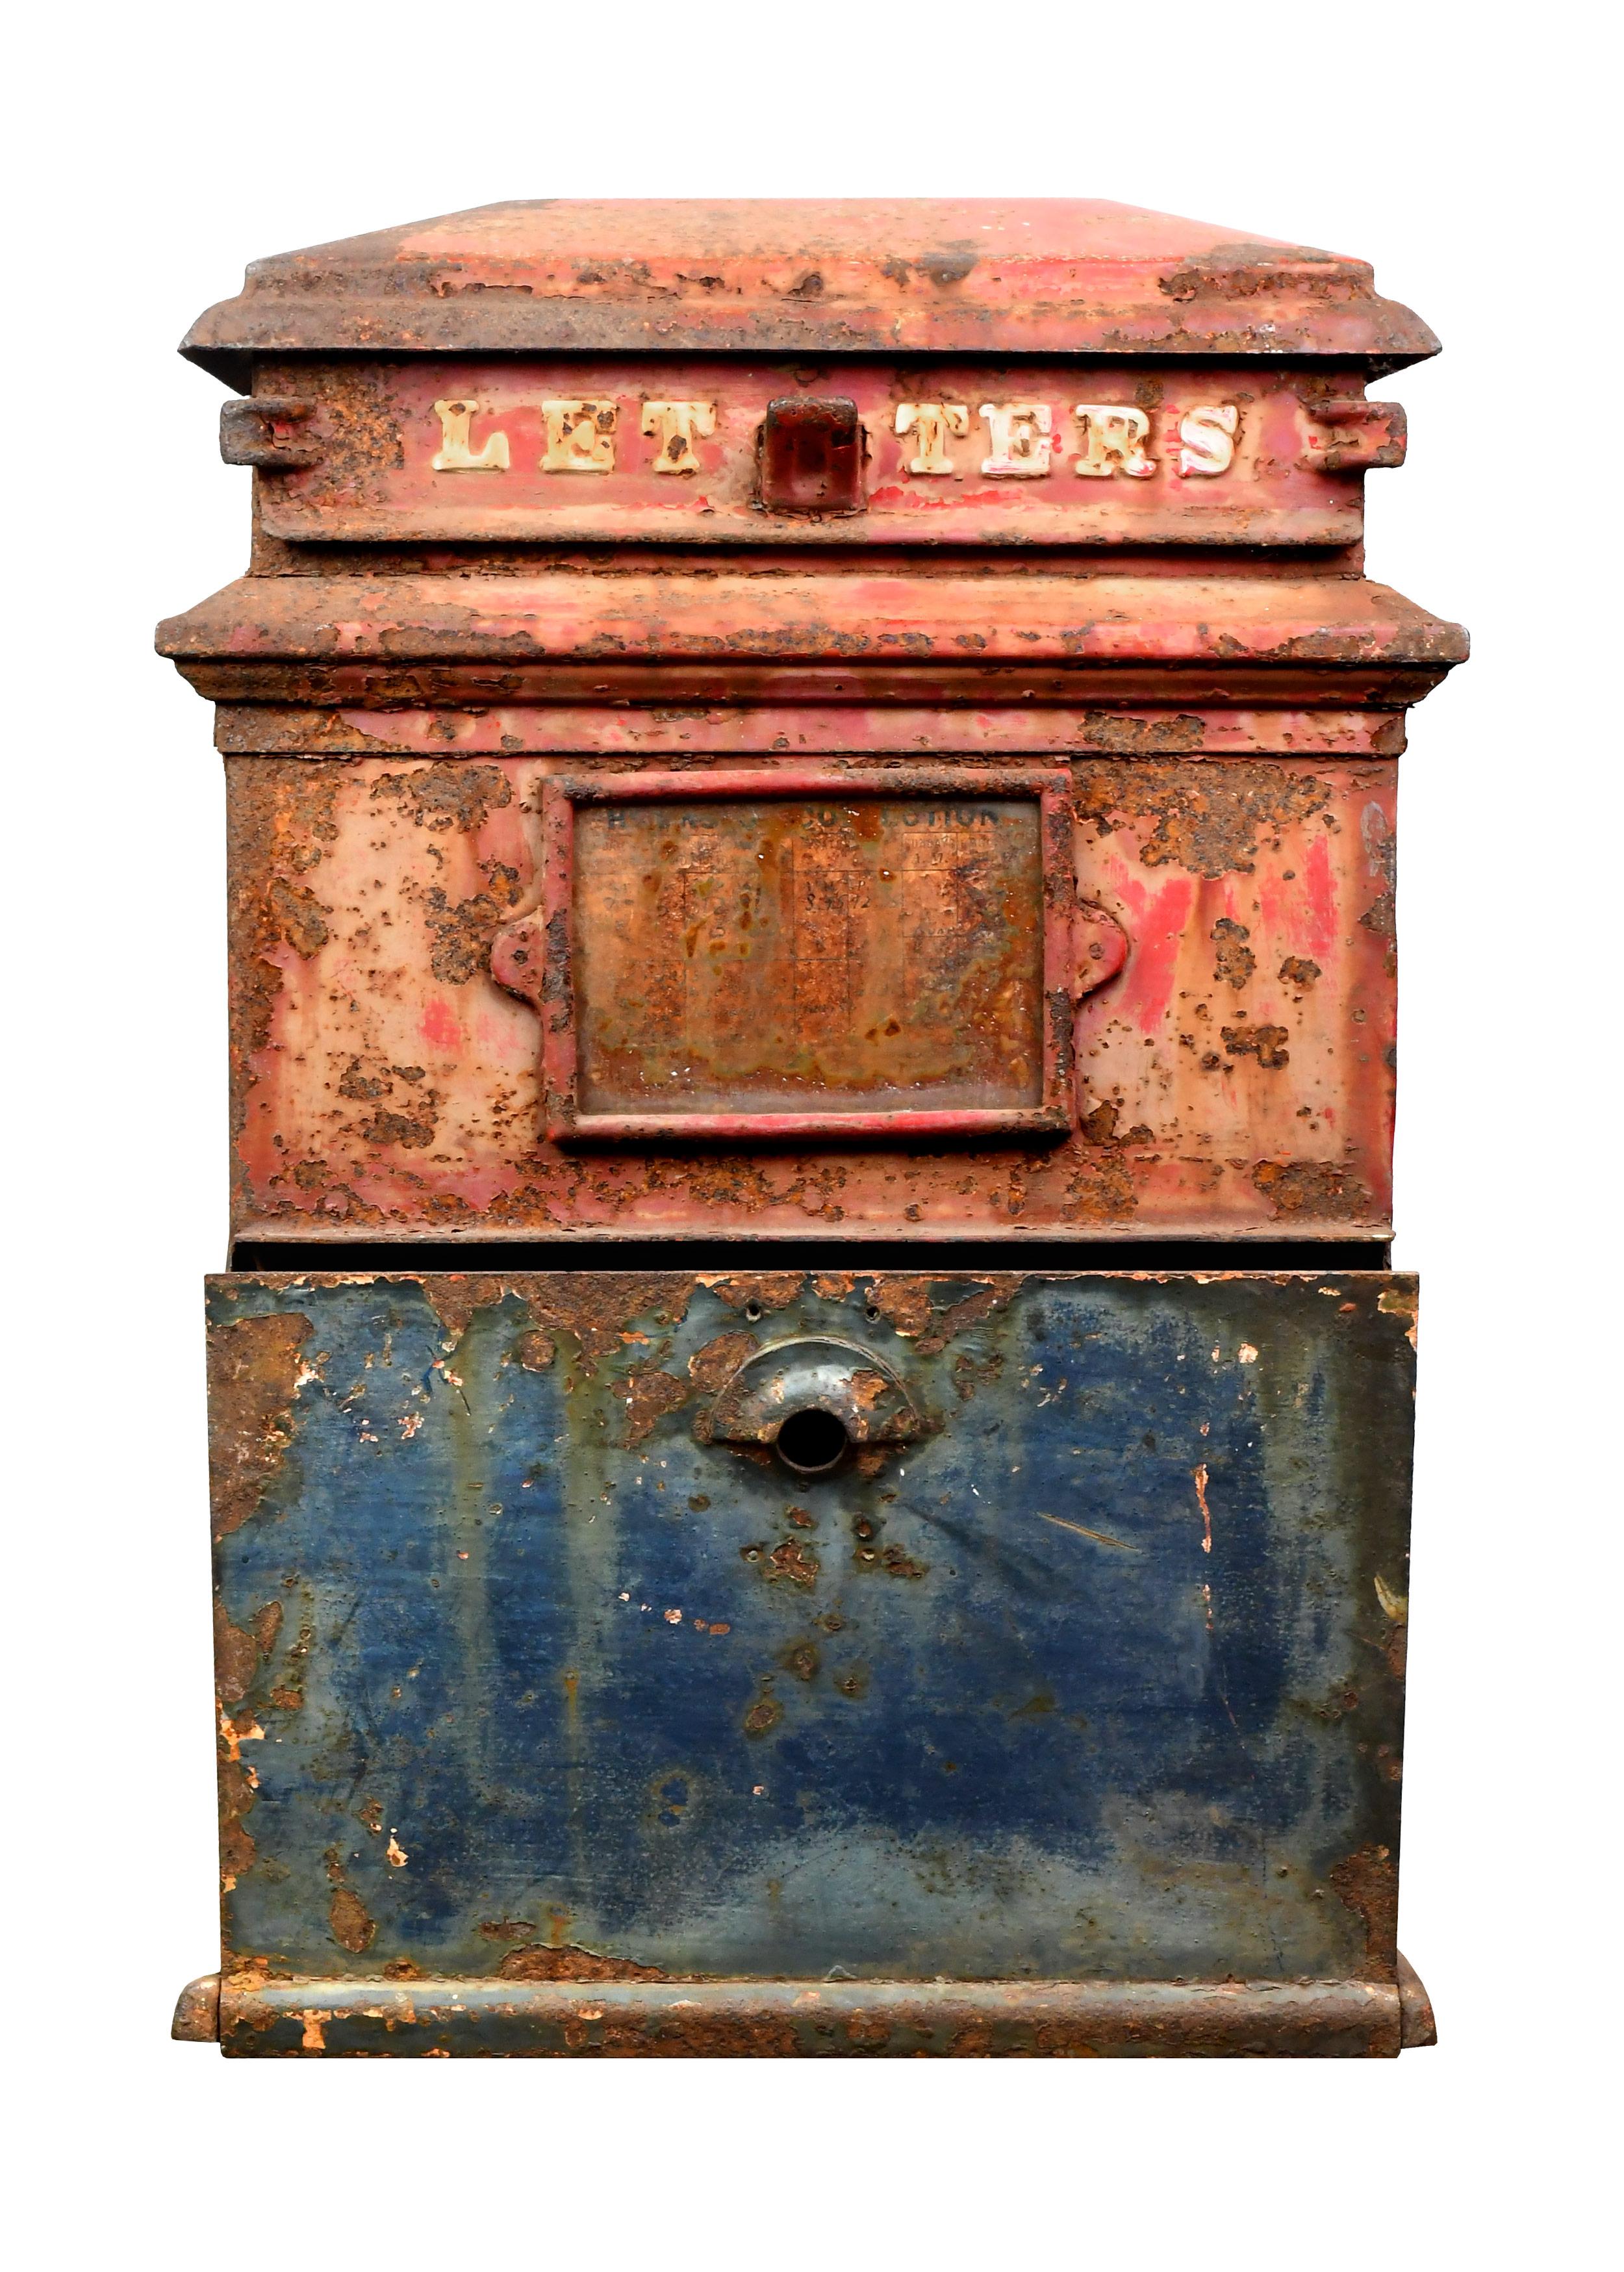 47478-iron-mailbox-front-full-view.jpg